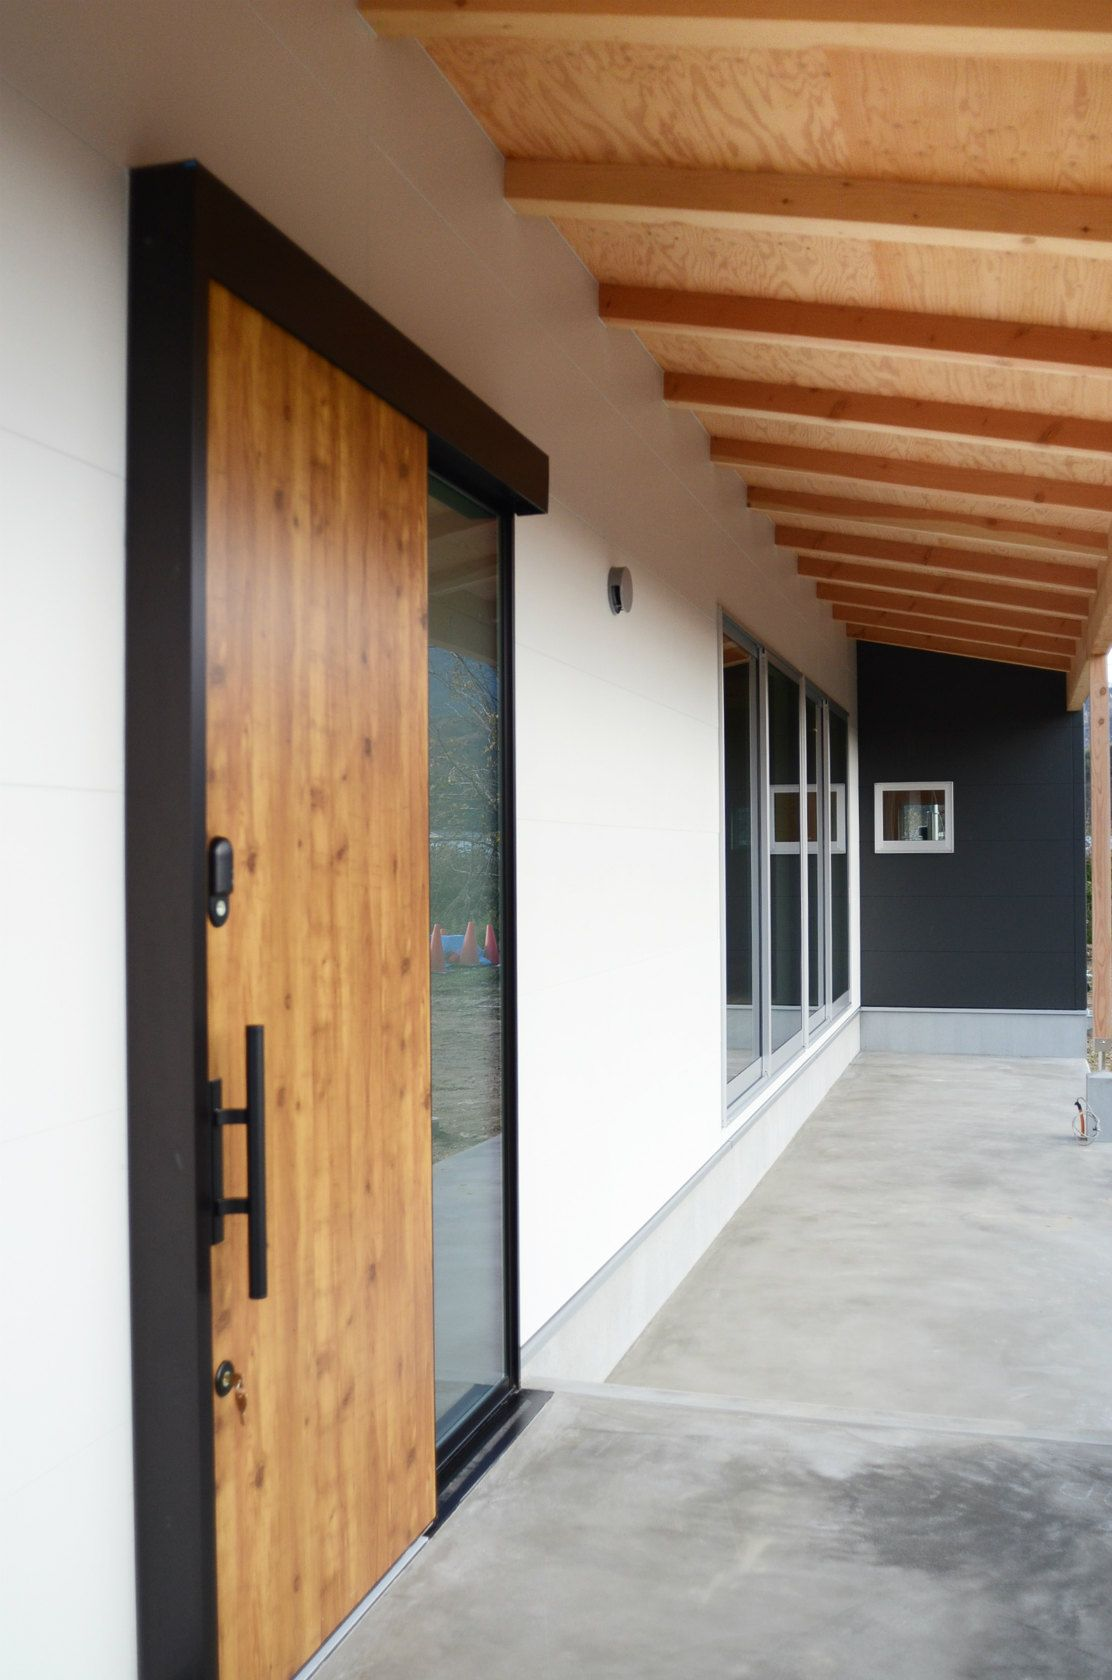 自然を楽しみながら暮らす平屋の家 大崎上島町 321house ミツイハウス の写真集 広島 注文住宅 工務店 2020 平屋の家 新築 インテリア ハウス